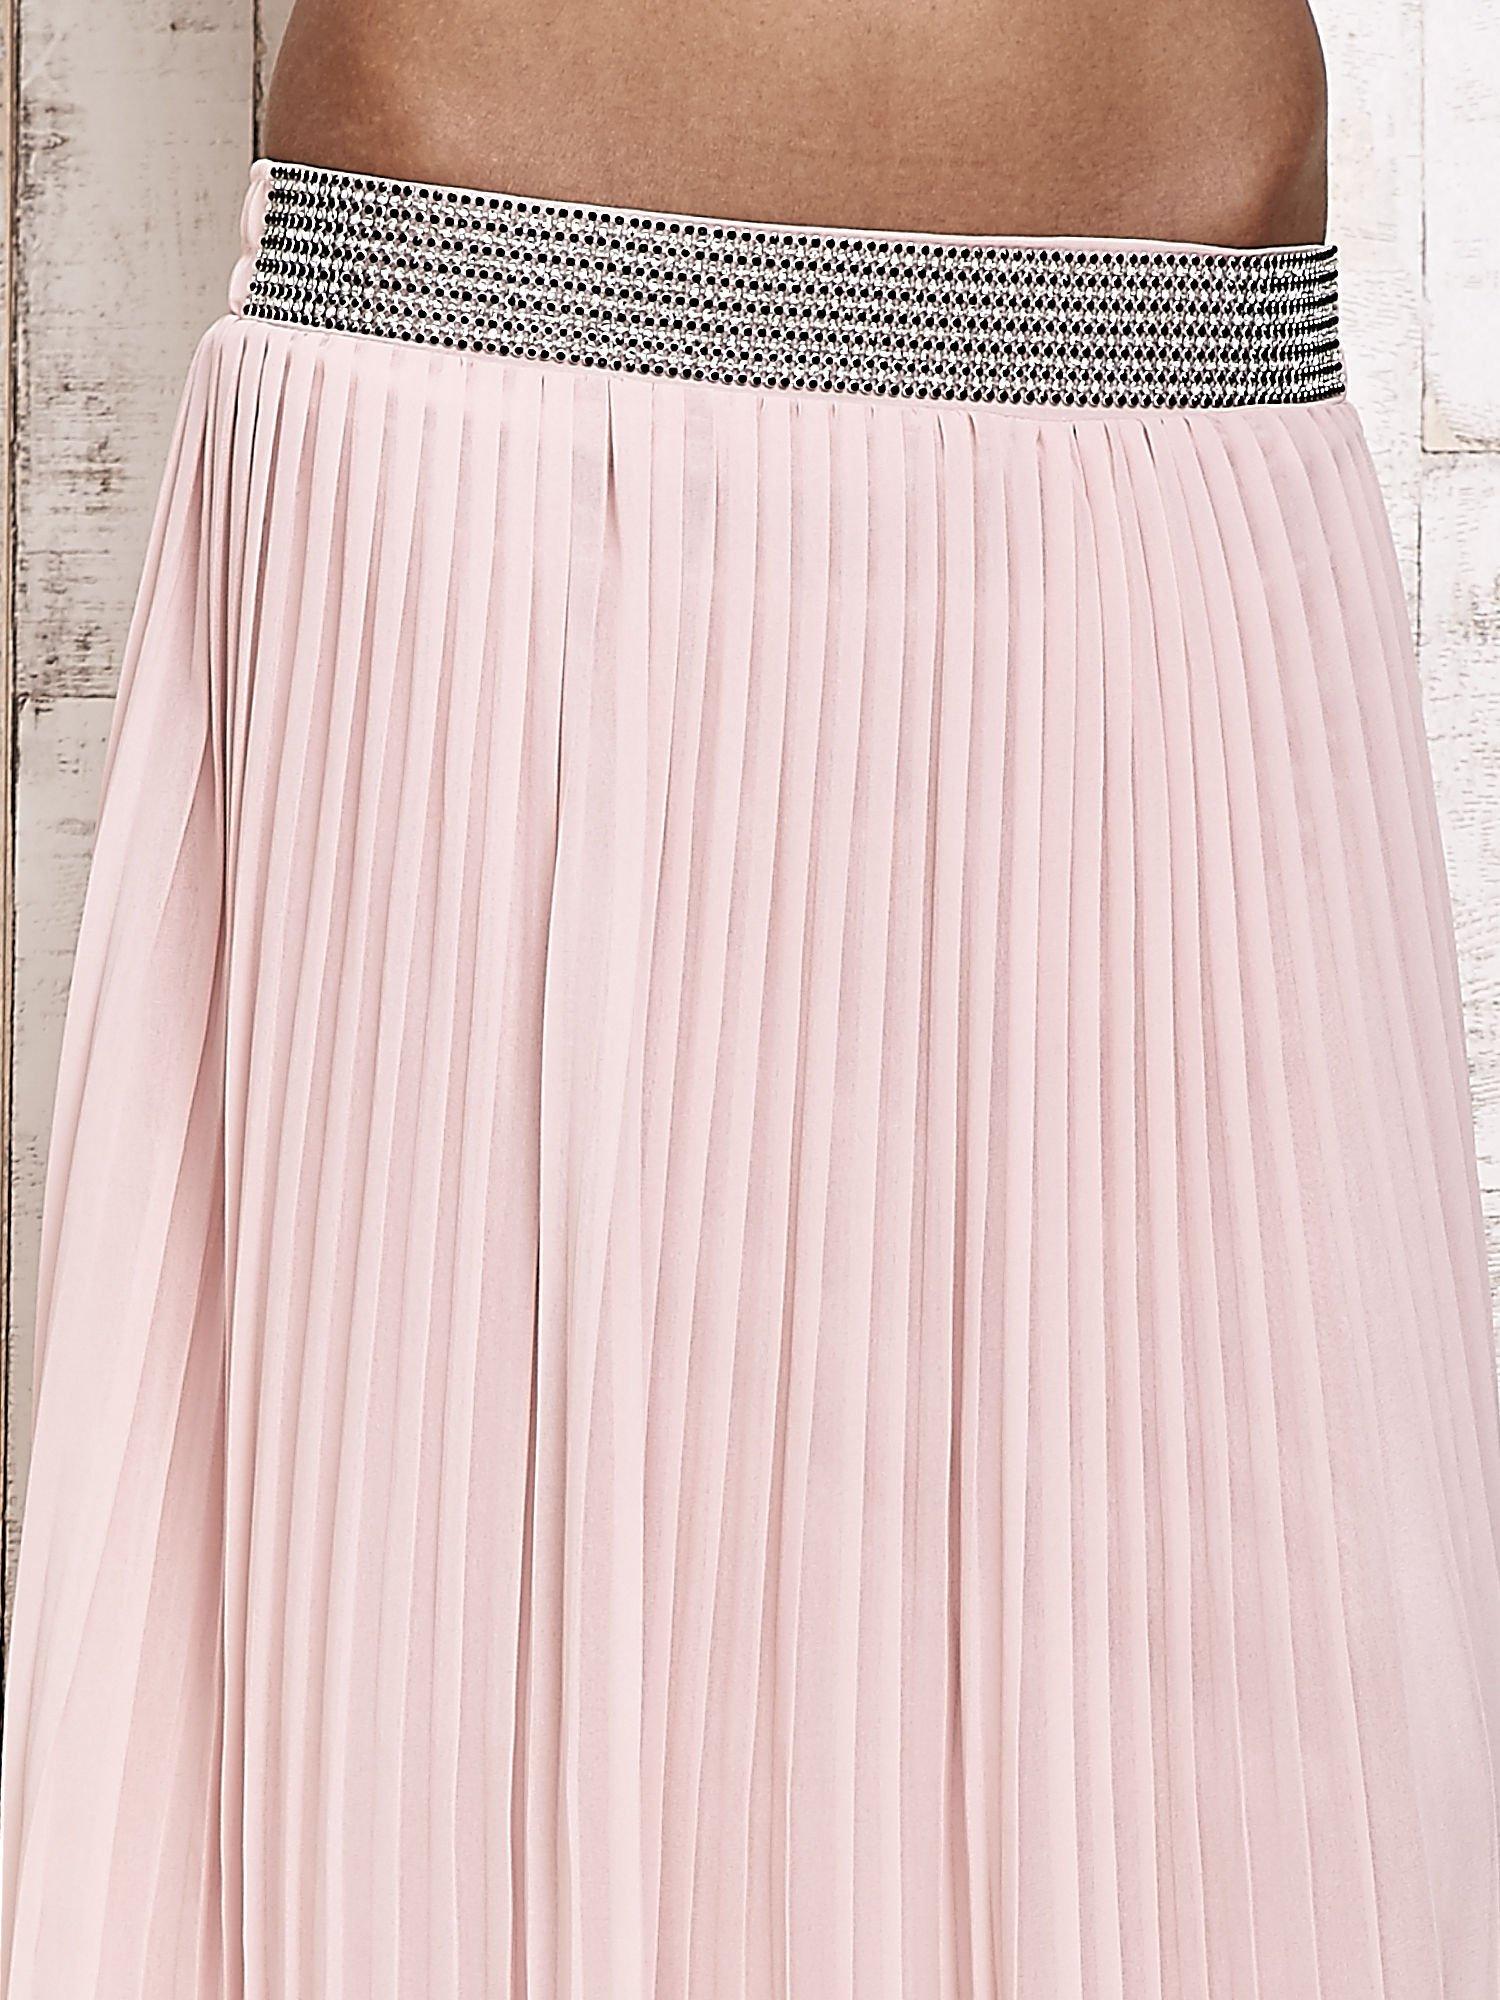 Jasnoróżowa spódnica maxi plisowana z dżetami w pasie                                  zdj.                                  4